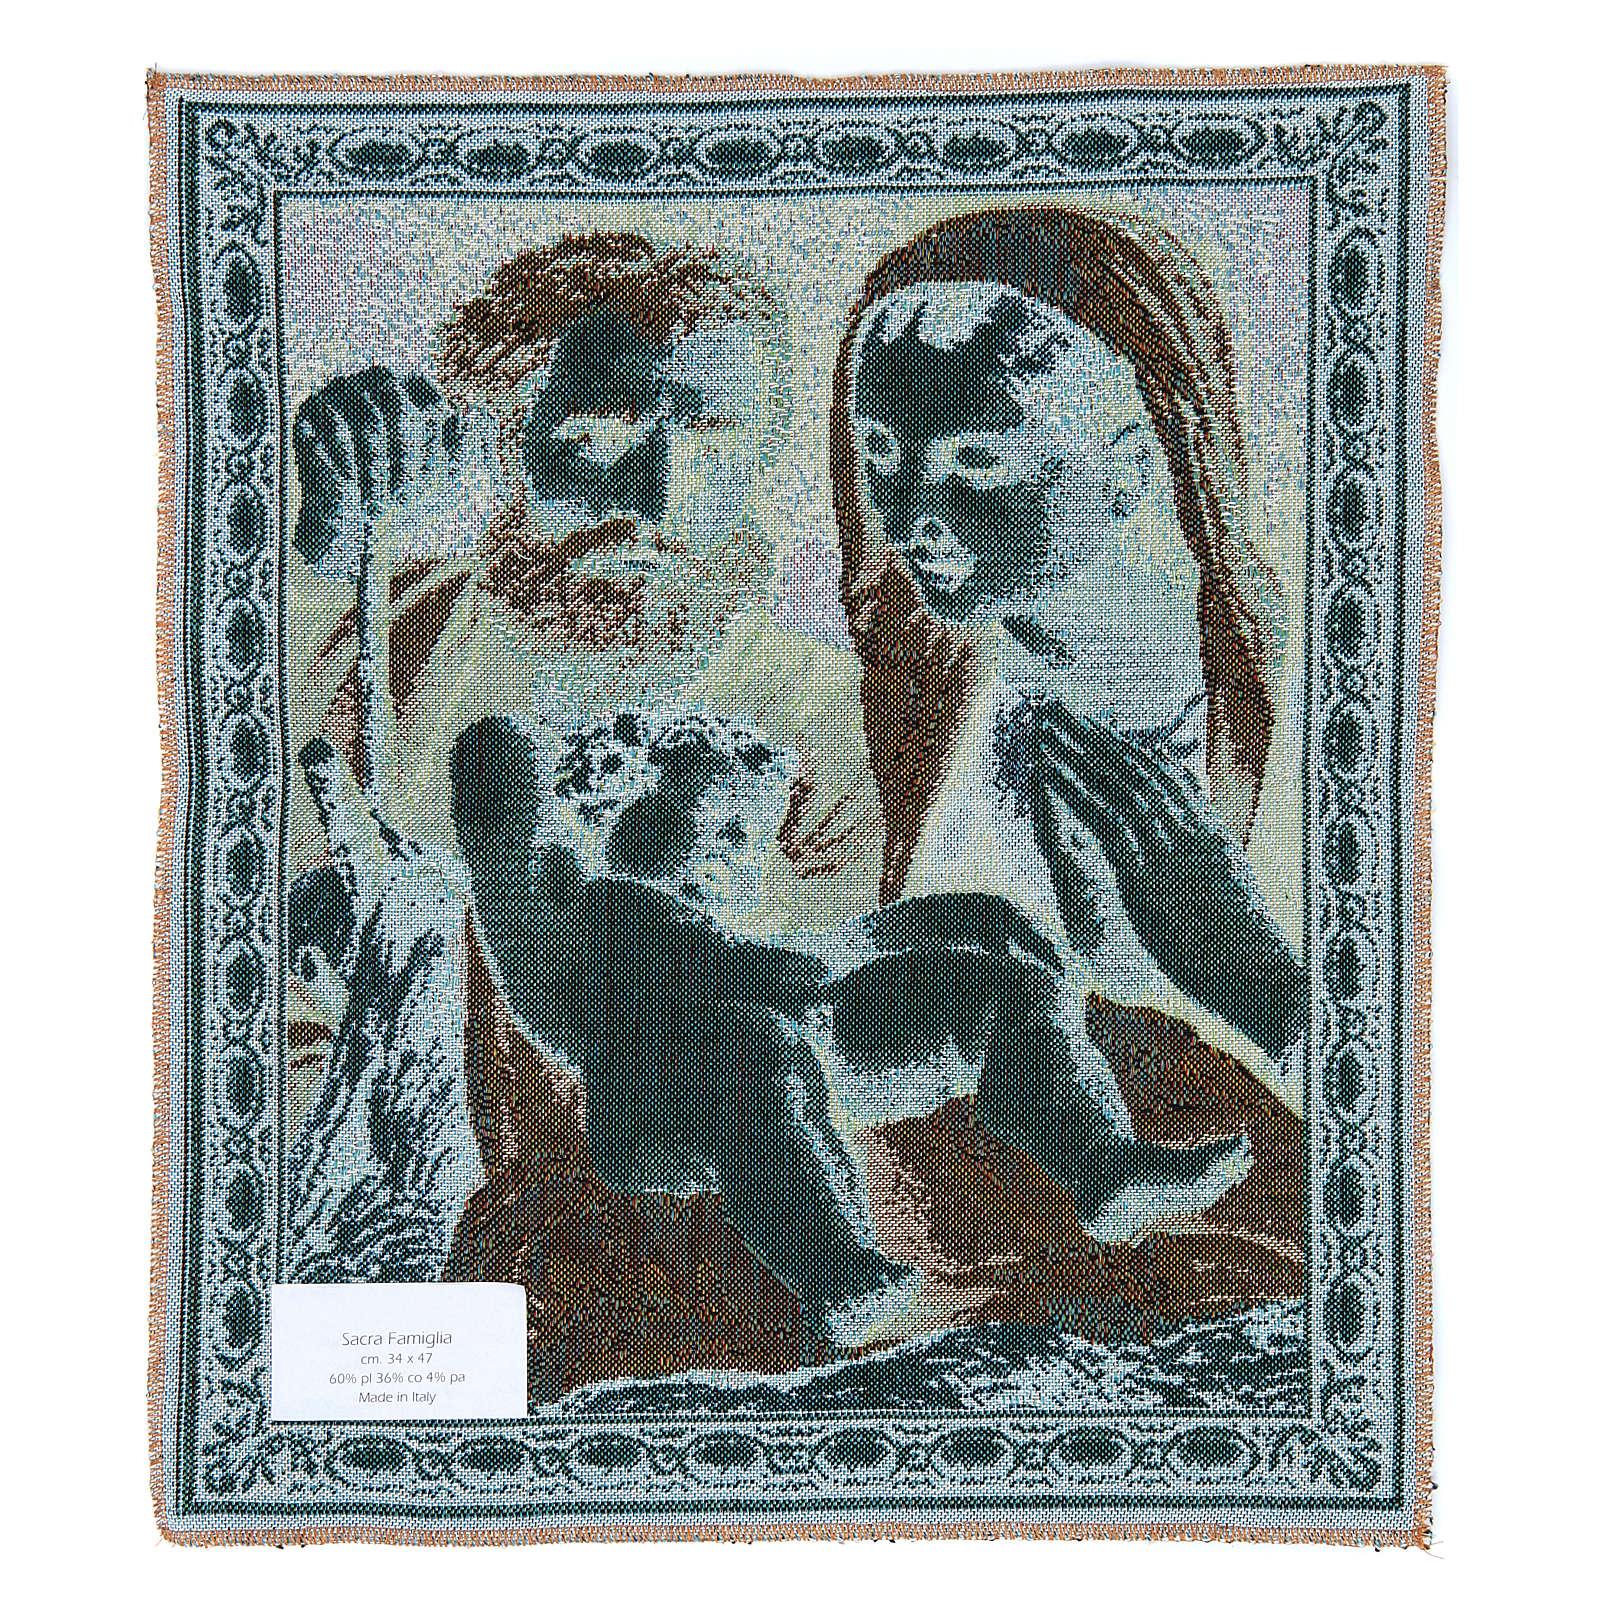 Arazzo Sacra Famiglia del Carracci 41x34 cm 3